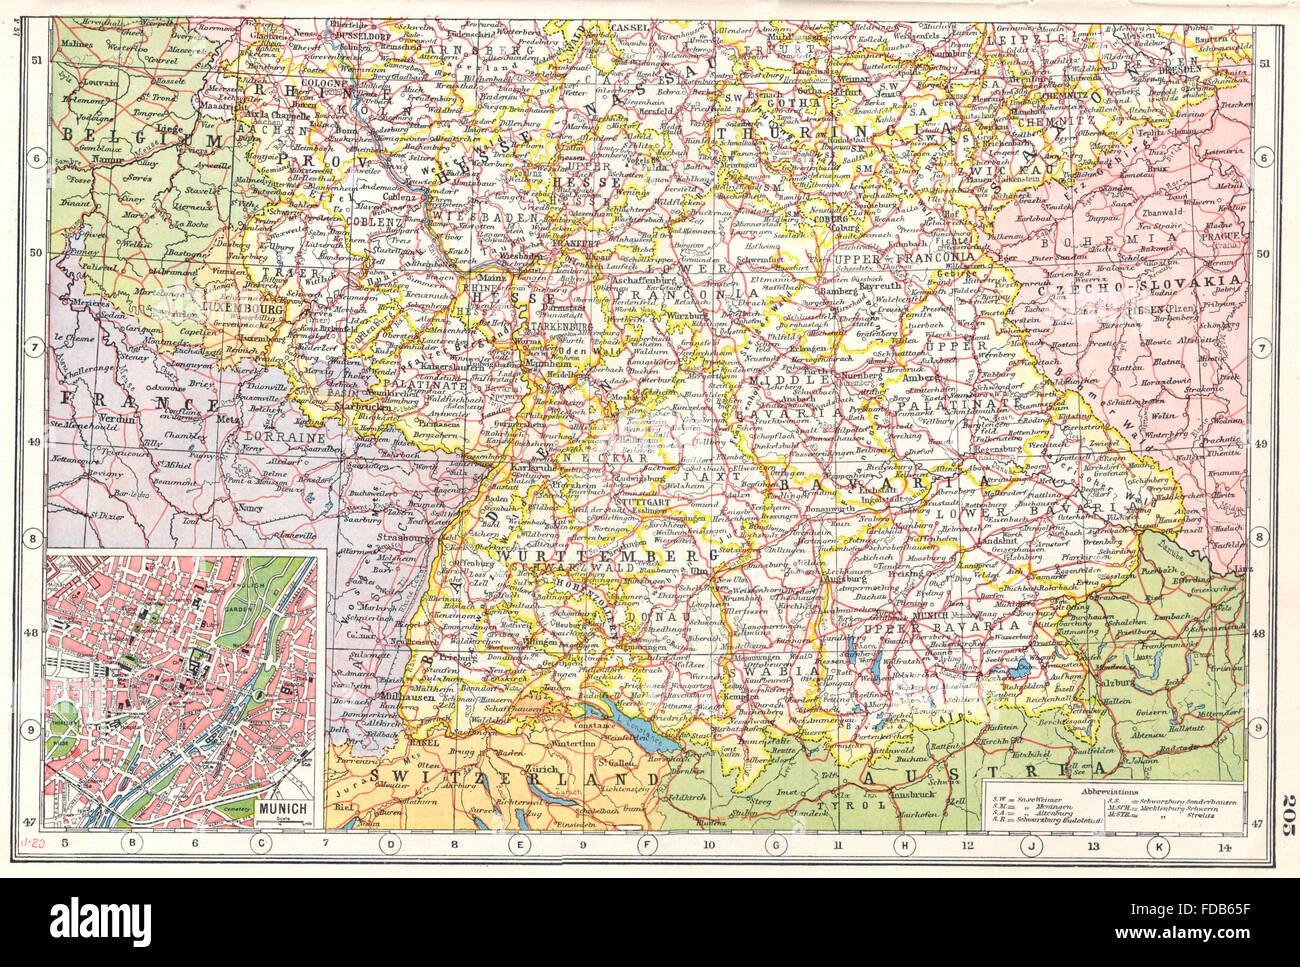 Deutschland Sud Bayern Wurttemberg Hessen Thuringen Inset